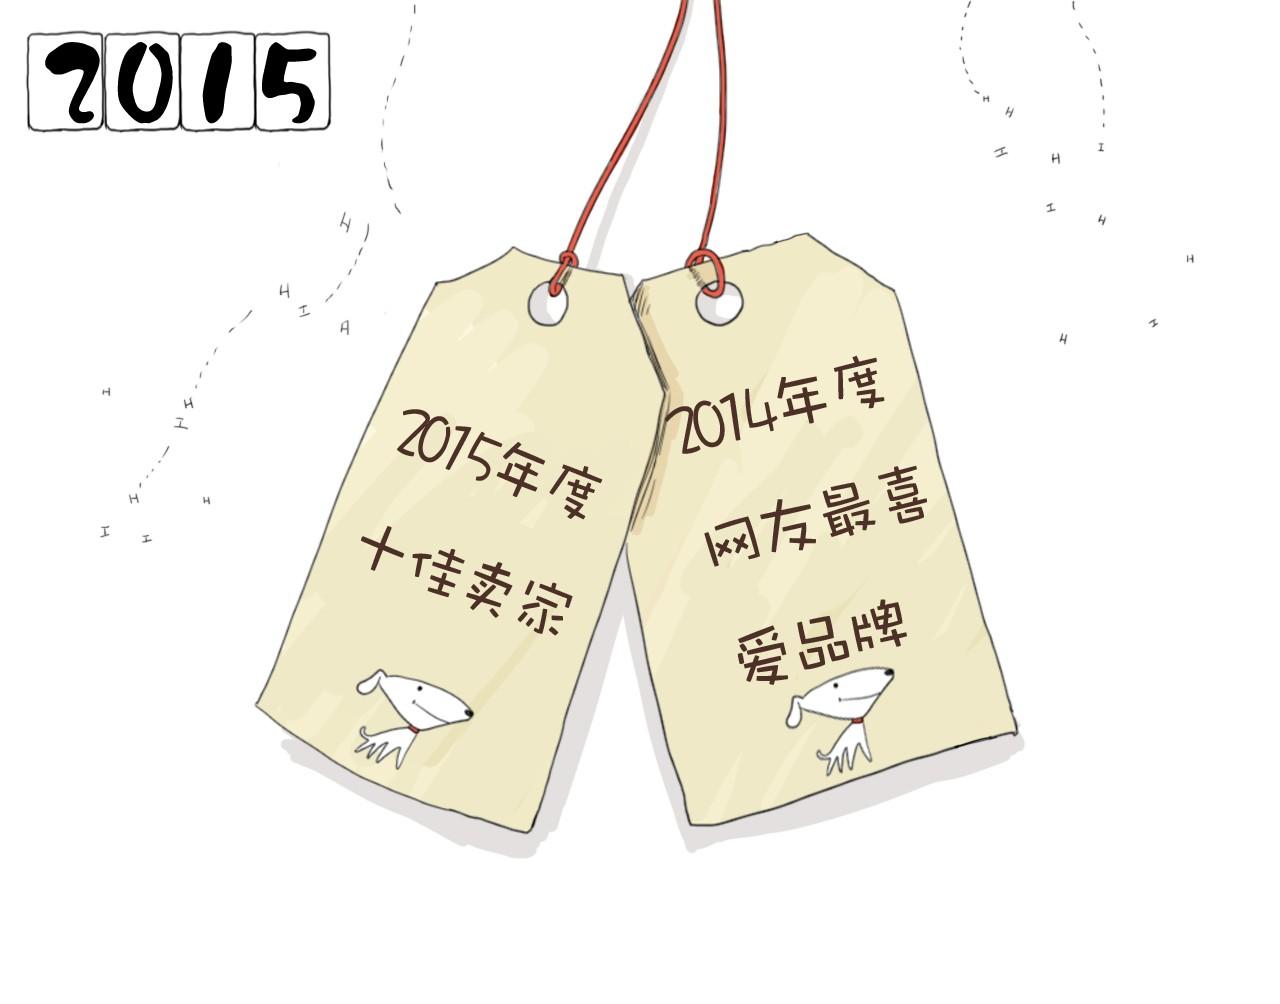 19-代理商大会三期 -京东